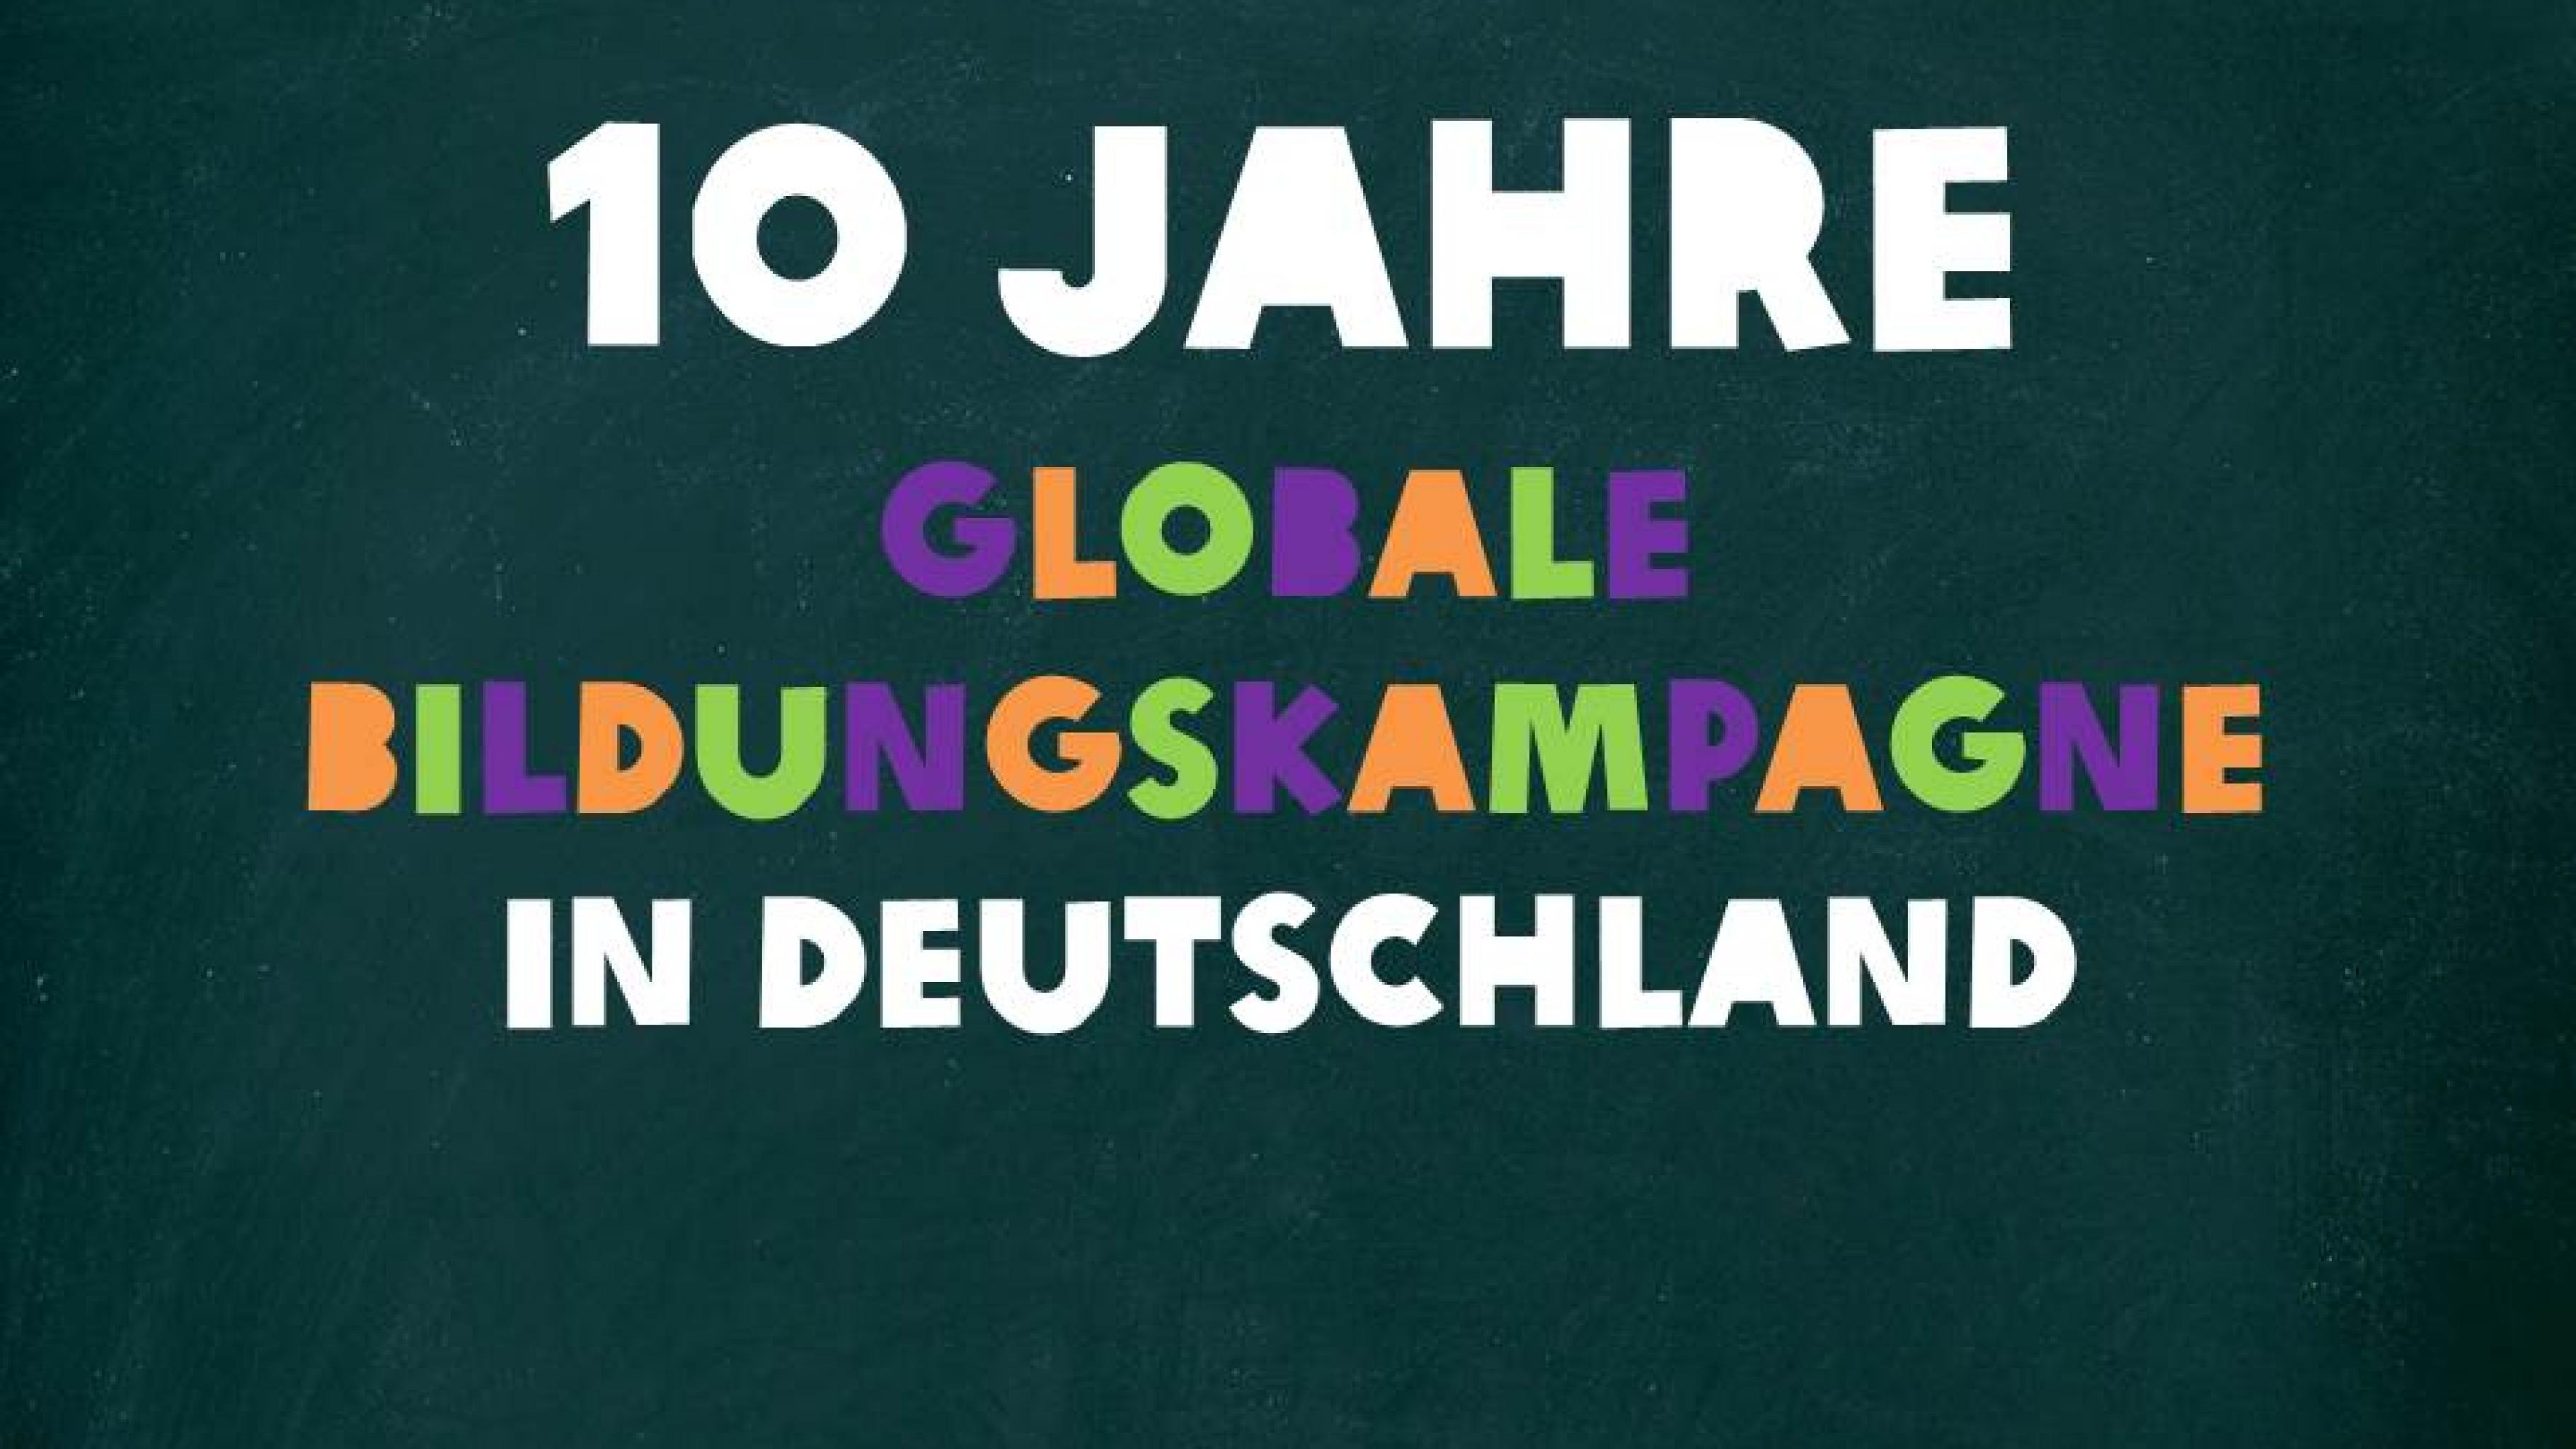 10 Jahre Globale Bildungskampagne in Deutschland